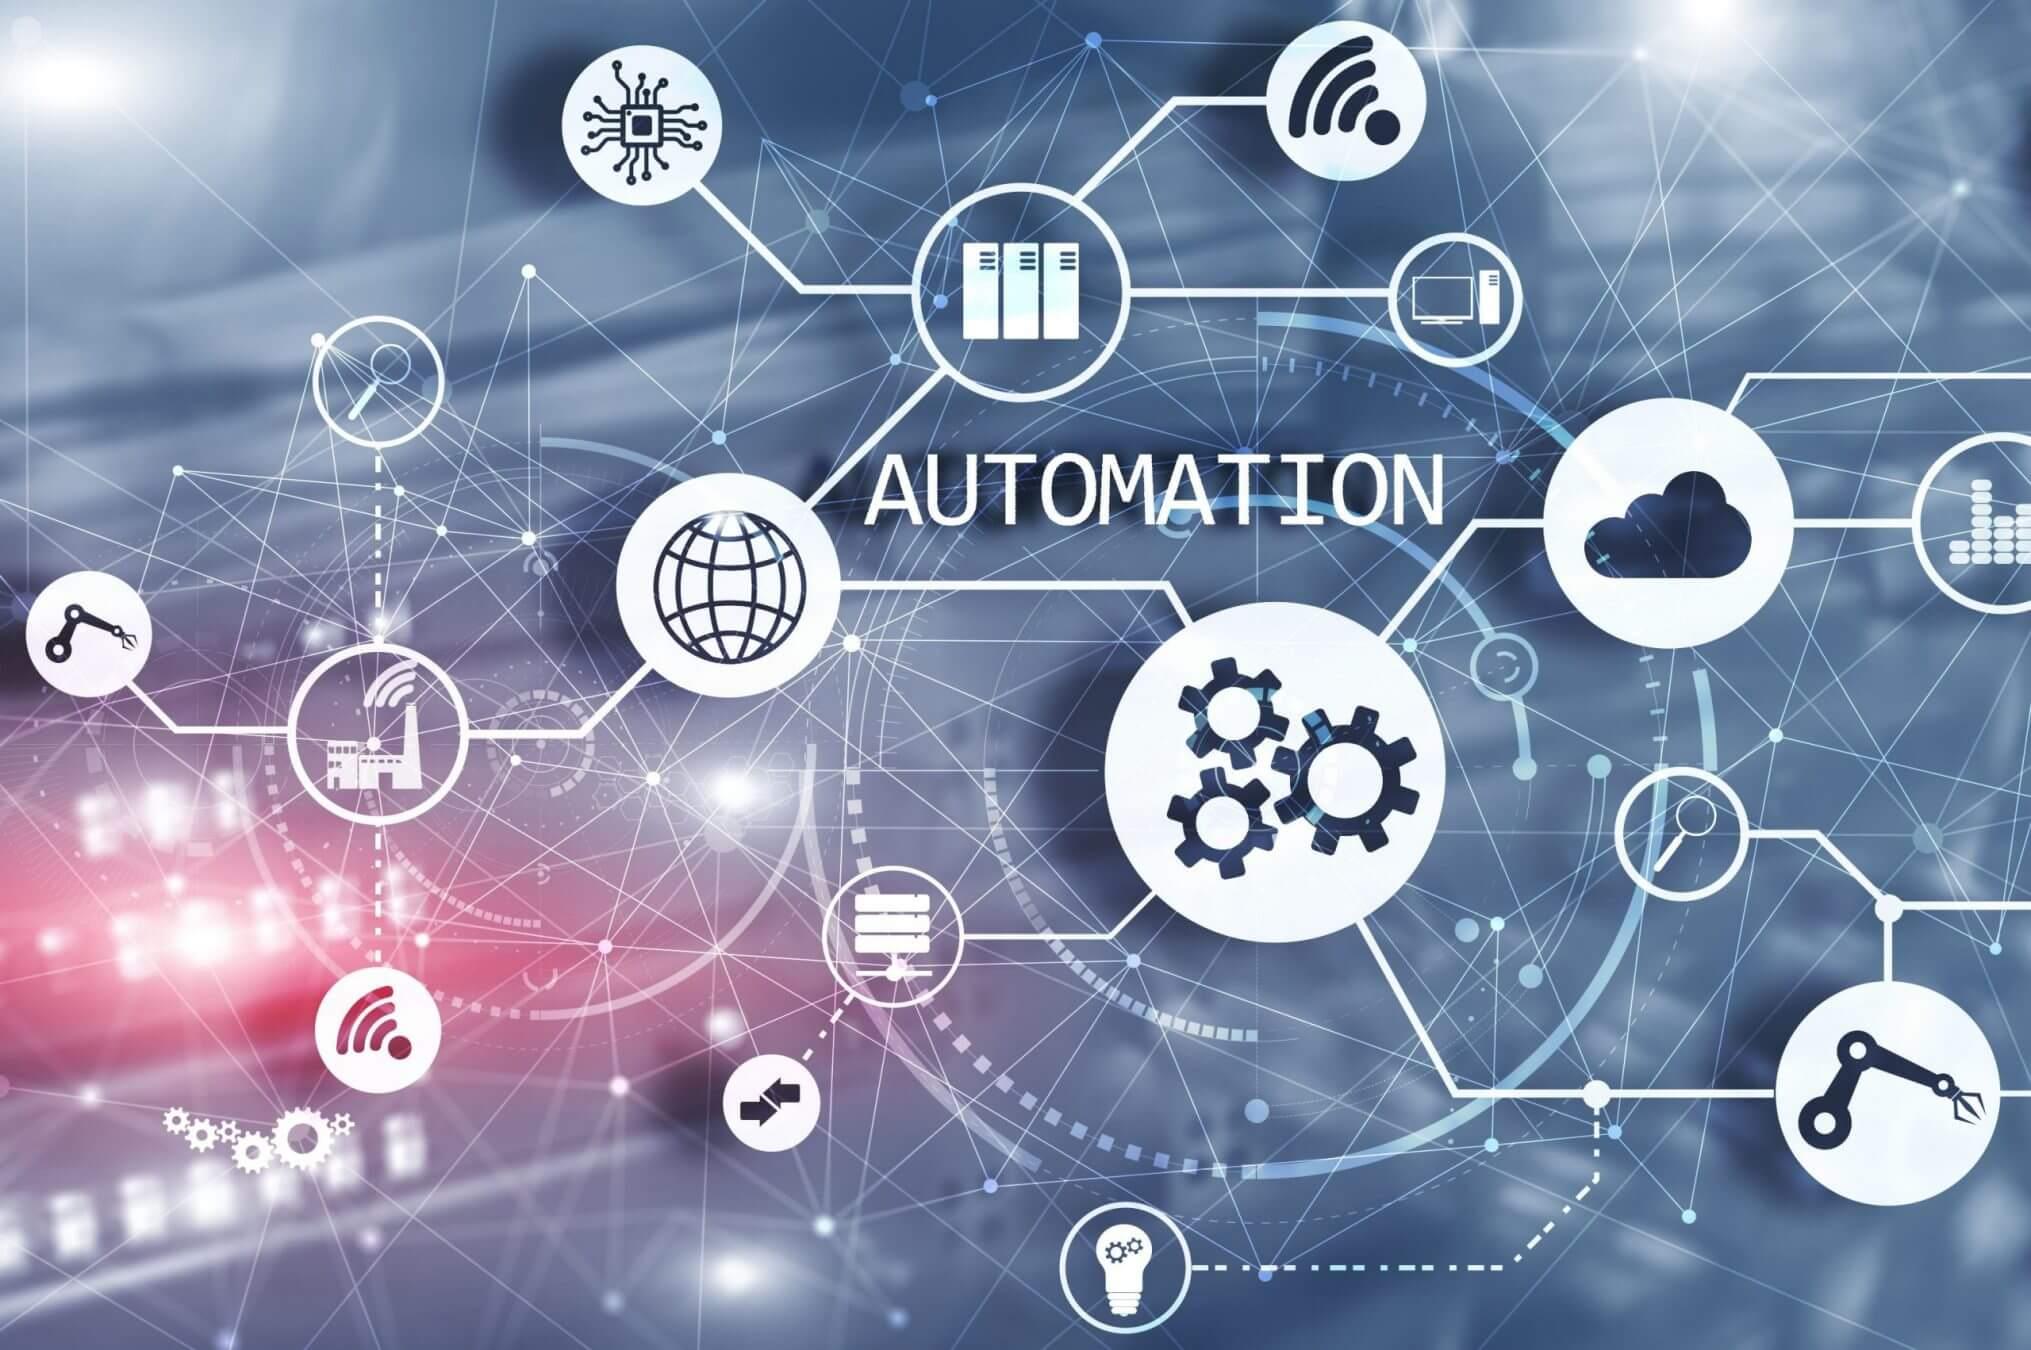 Industrieautomation-Helmer-Net-1-Kaufering